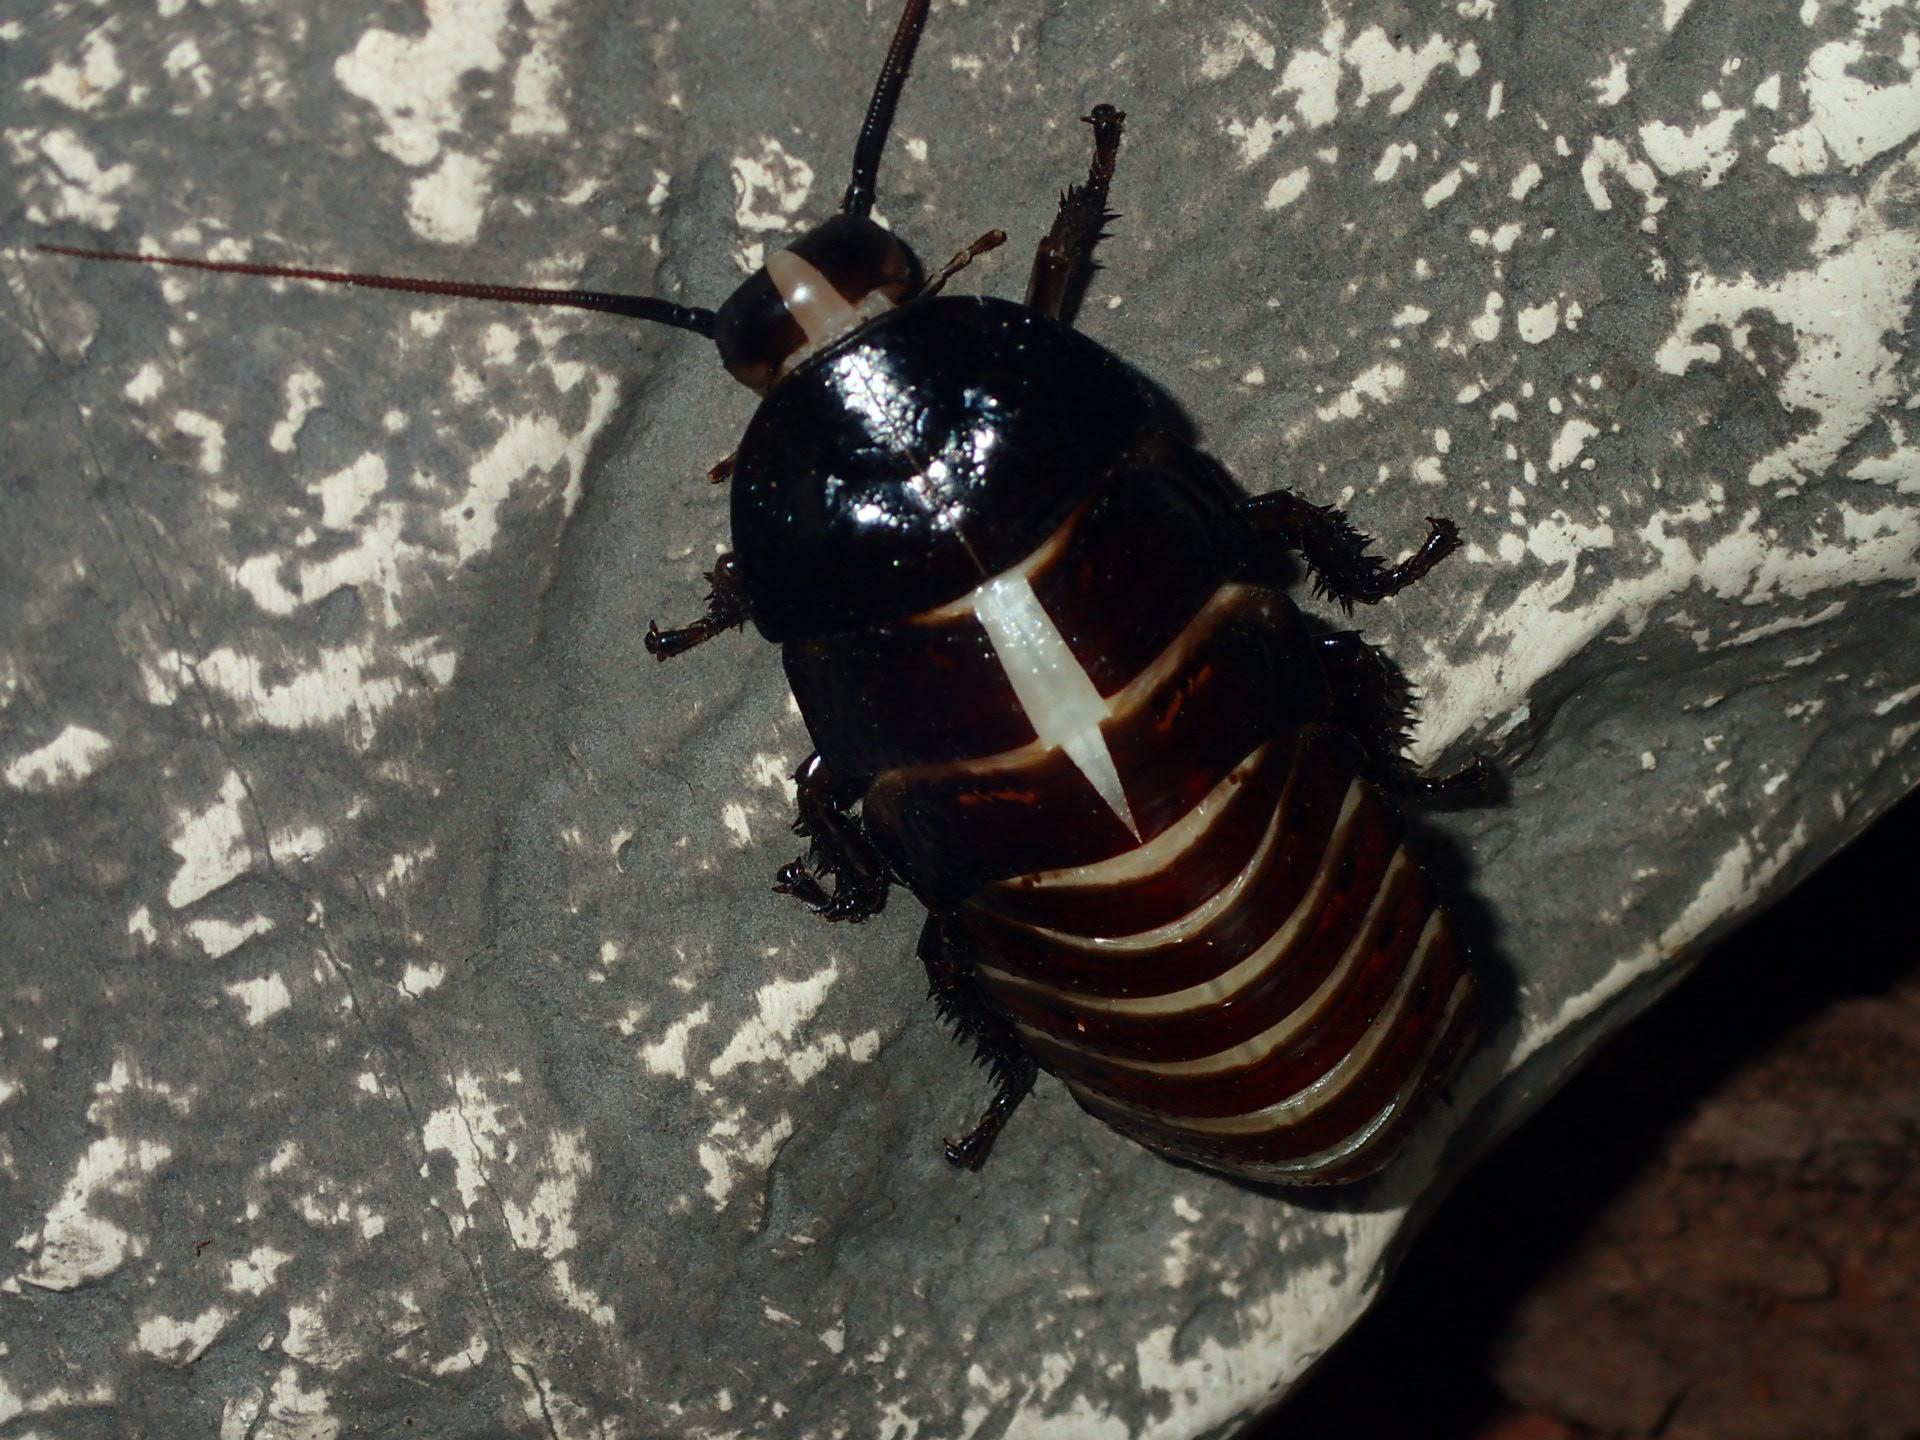 Hissing Roach - Exoskeleton splits